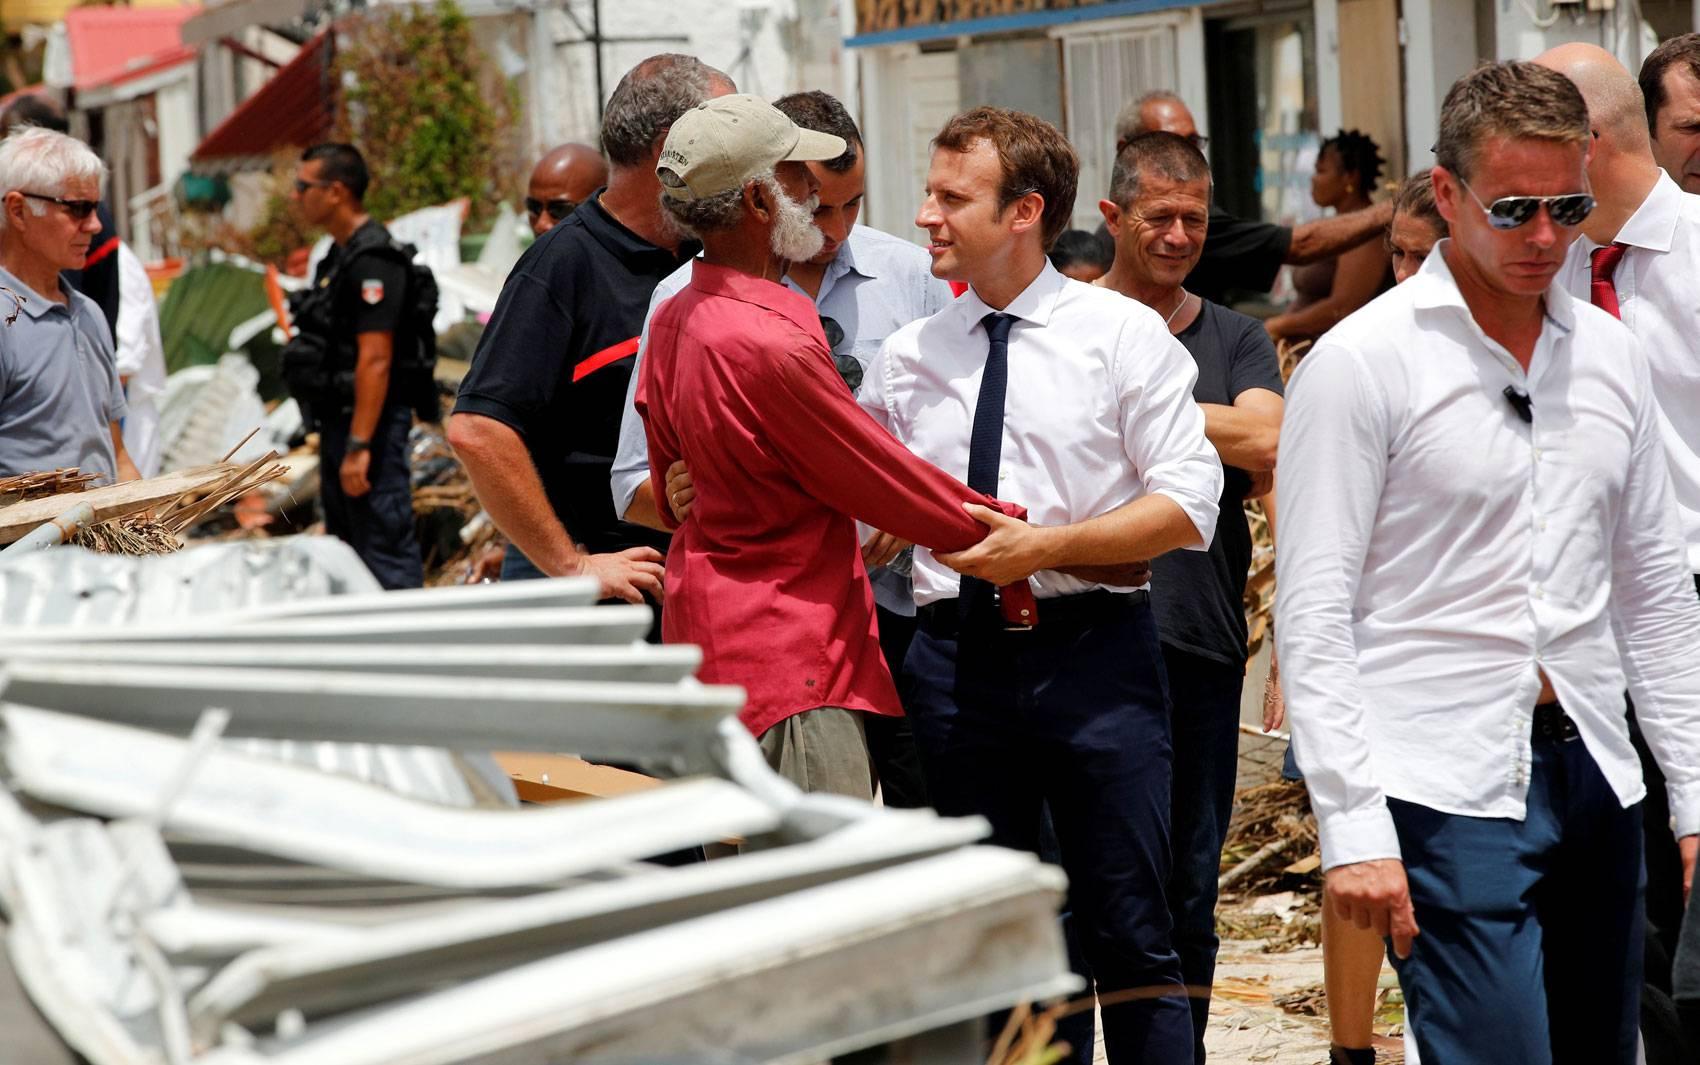 O presidente francês Emmanuel Macron conversa com moradores da ilha francesa de St. Martin, no Caribe, afetados pela passagem do furacão Irma, durante visita na terça-feira (12)